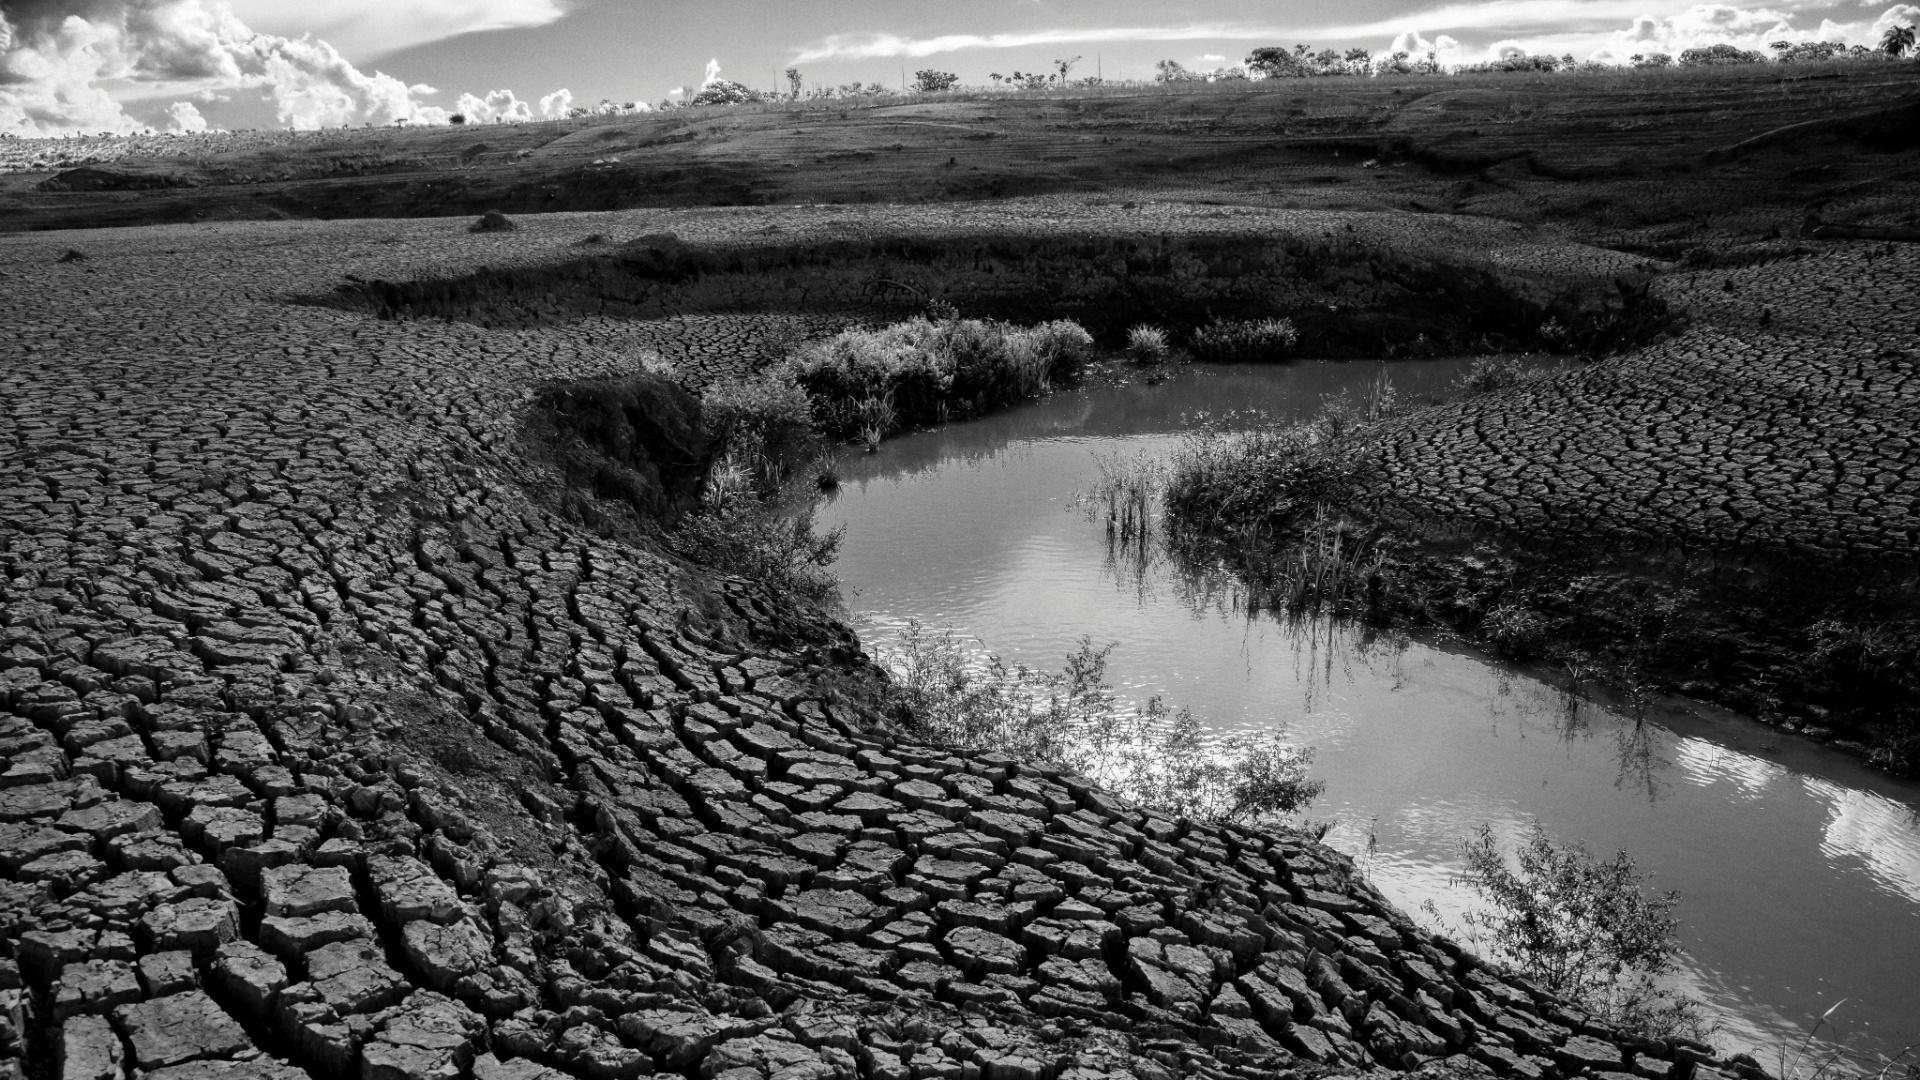 4.ago.2015 - Nesta imagem a represa tem cerca de 15% de sua capacidade